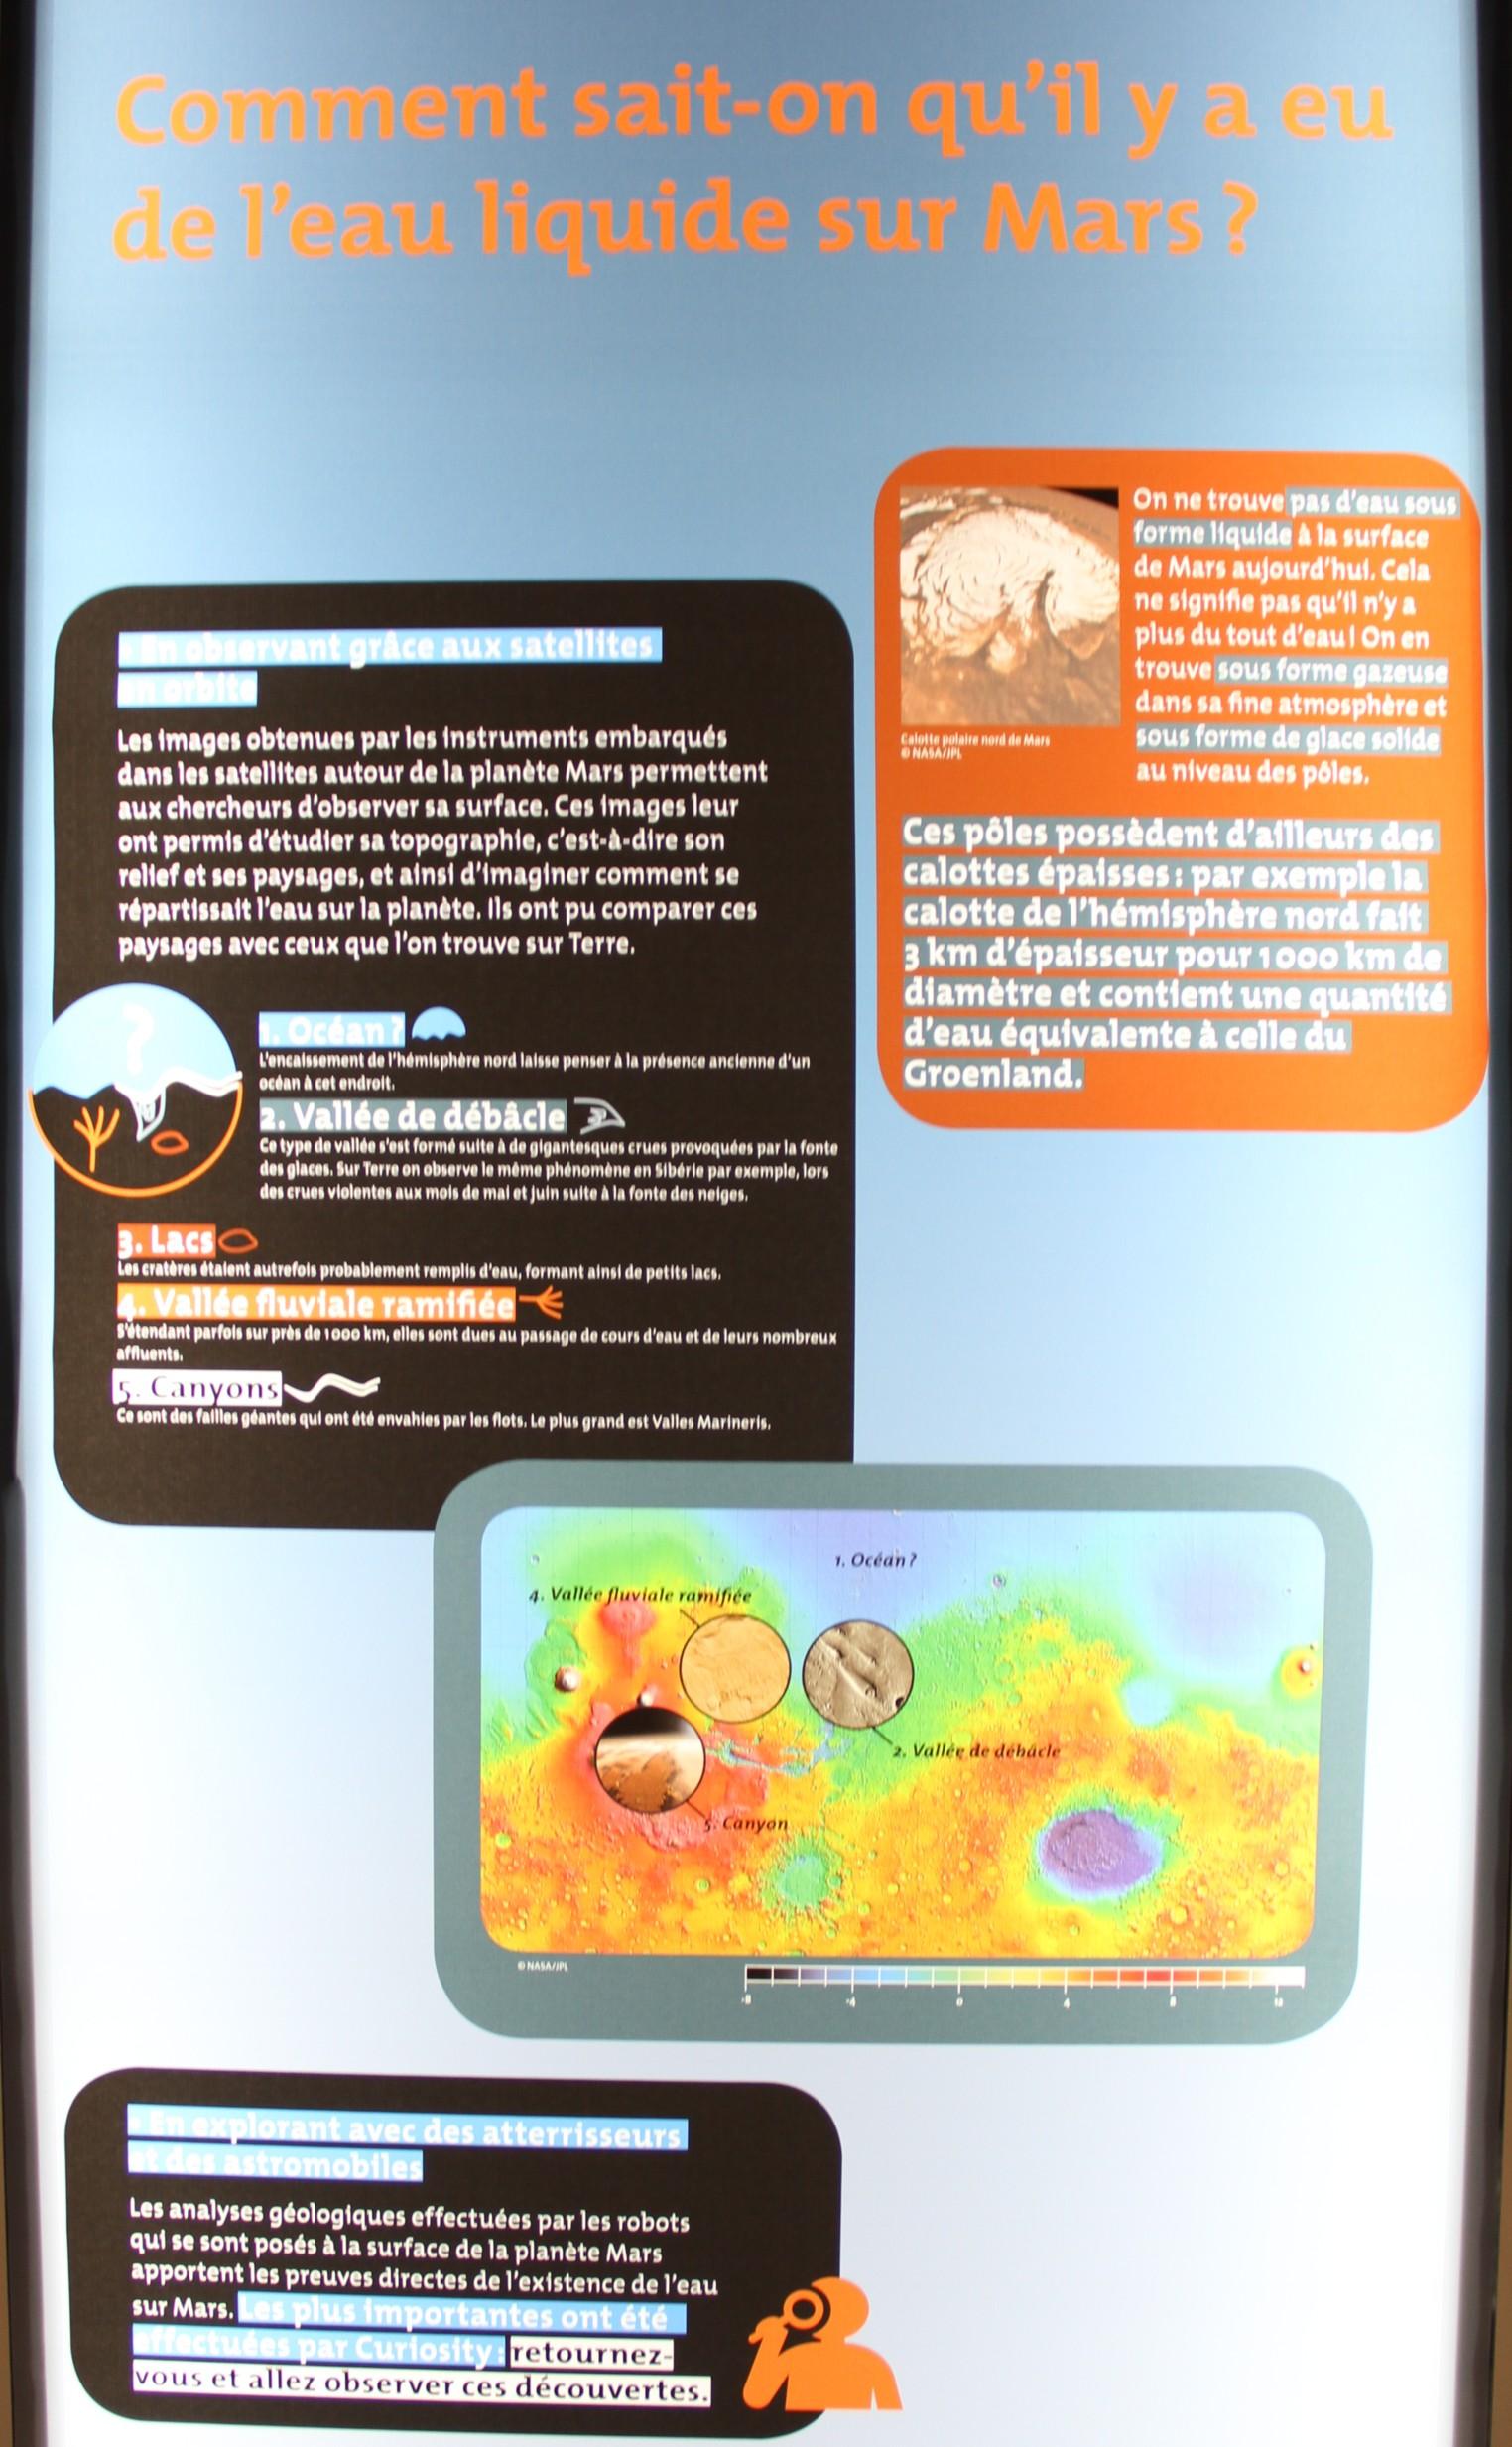 14 03 23 - 18h 55m 12s - Exposition l'eau sur Mars tr